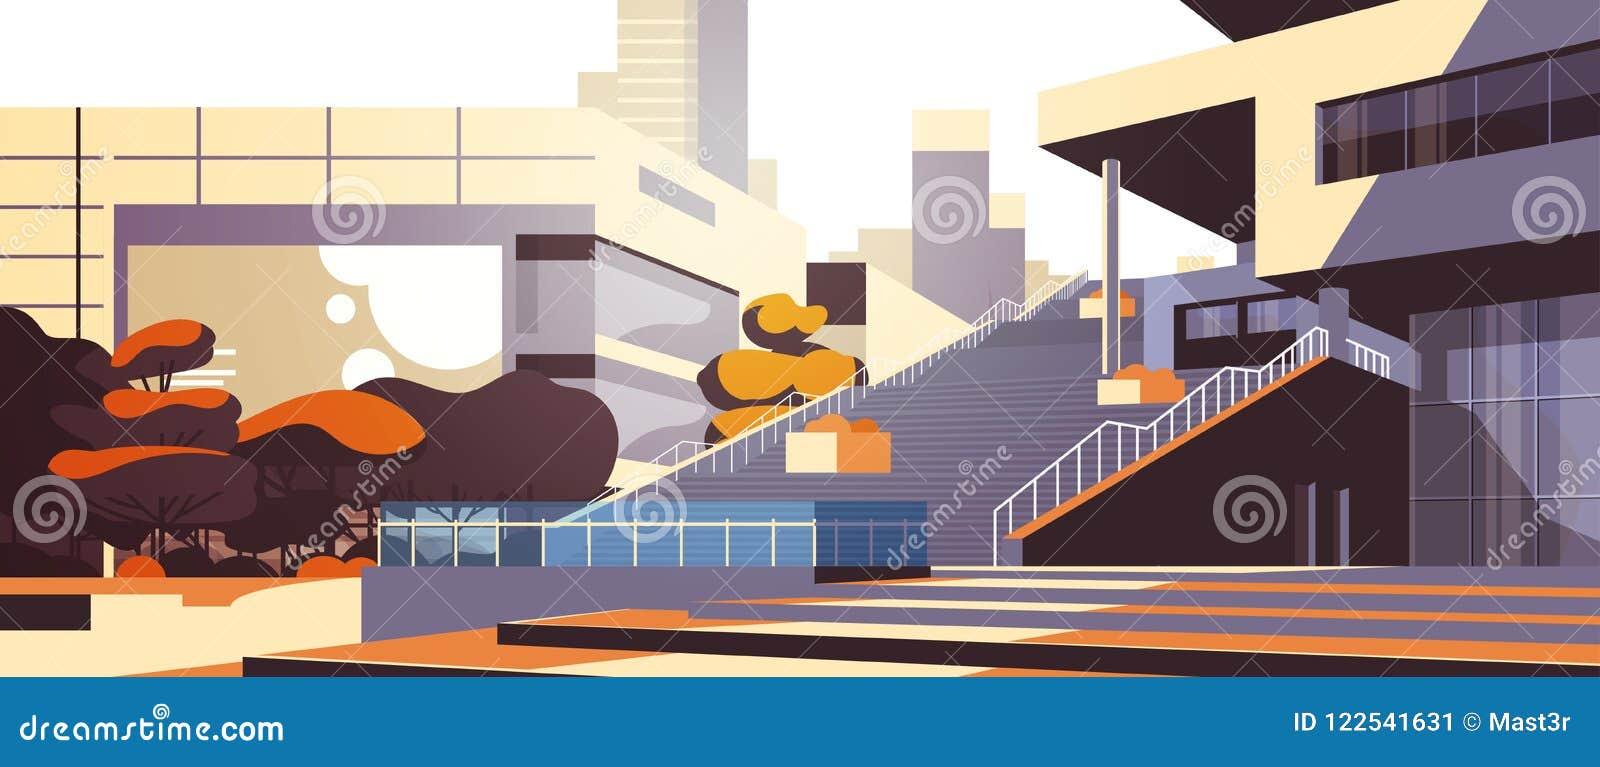 现代在摩天大楼大厦都市风景背景水平的舱内甲板的办公楼台阶外视图